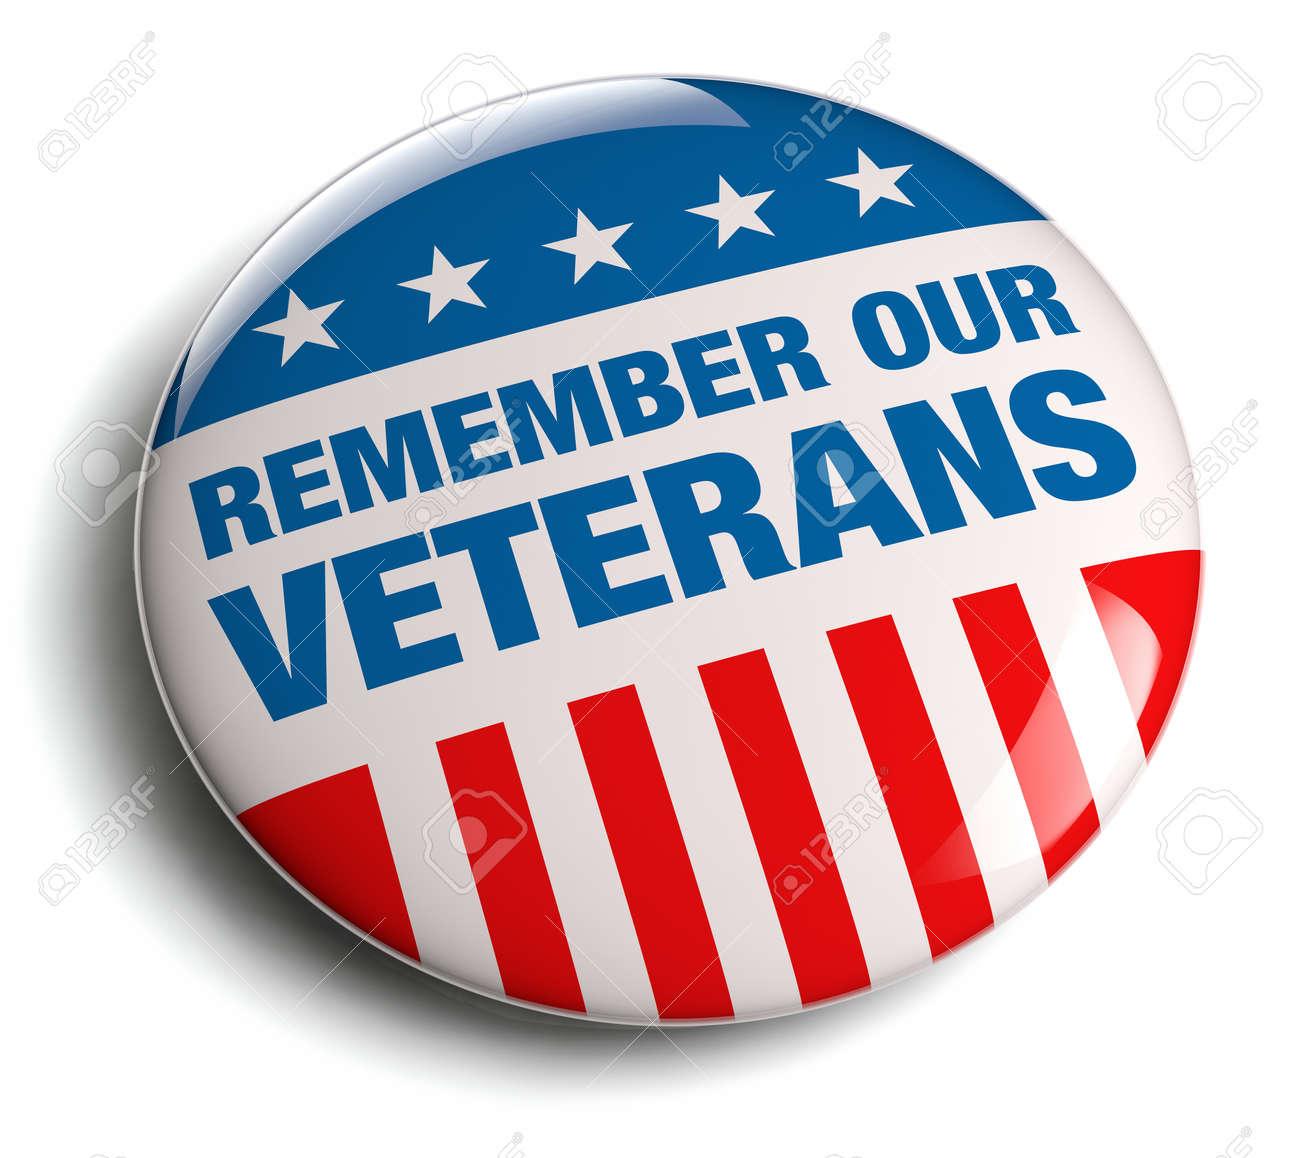 Veterans Day / Memorial Day badge. - 27545399